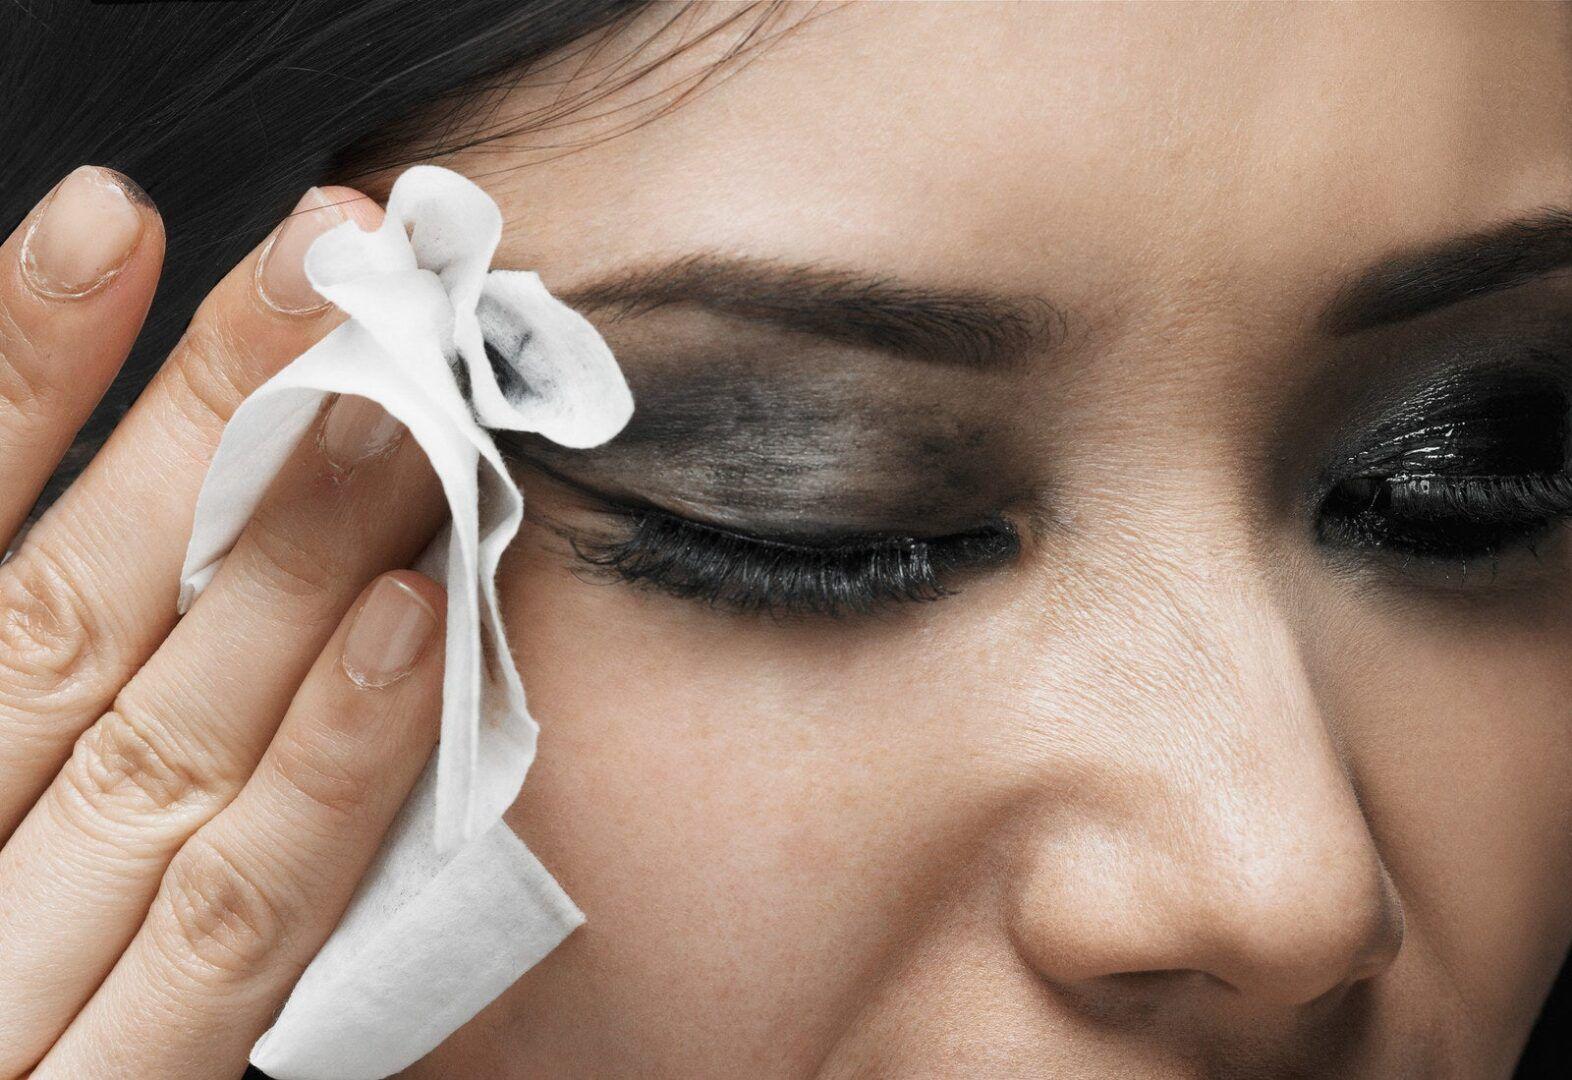 O que causa espinha na pele - limpeza incorreta da pele